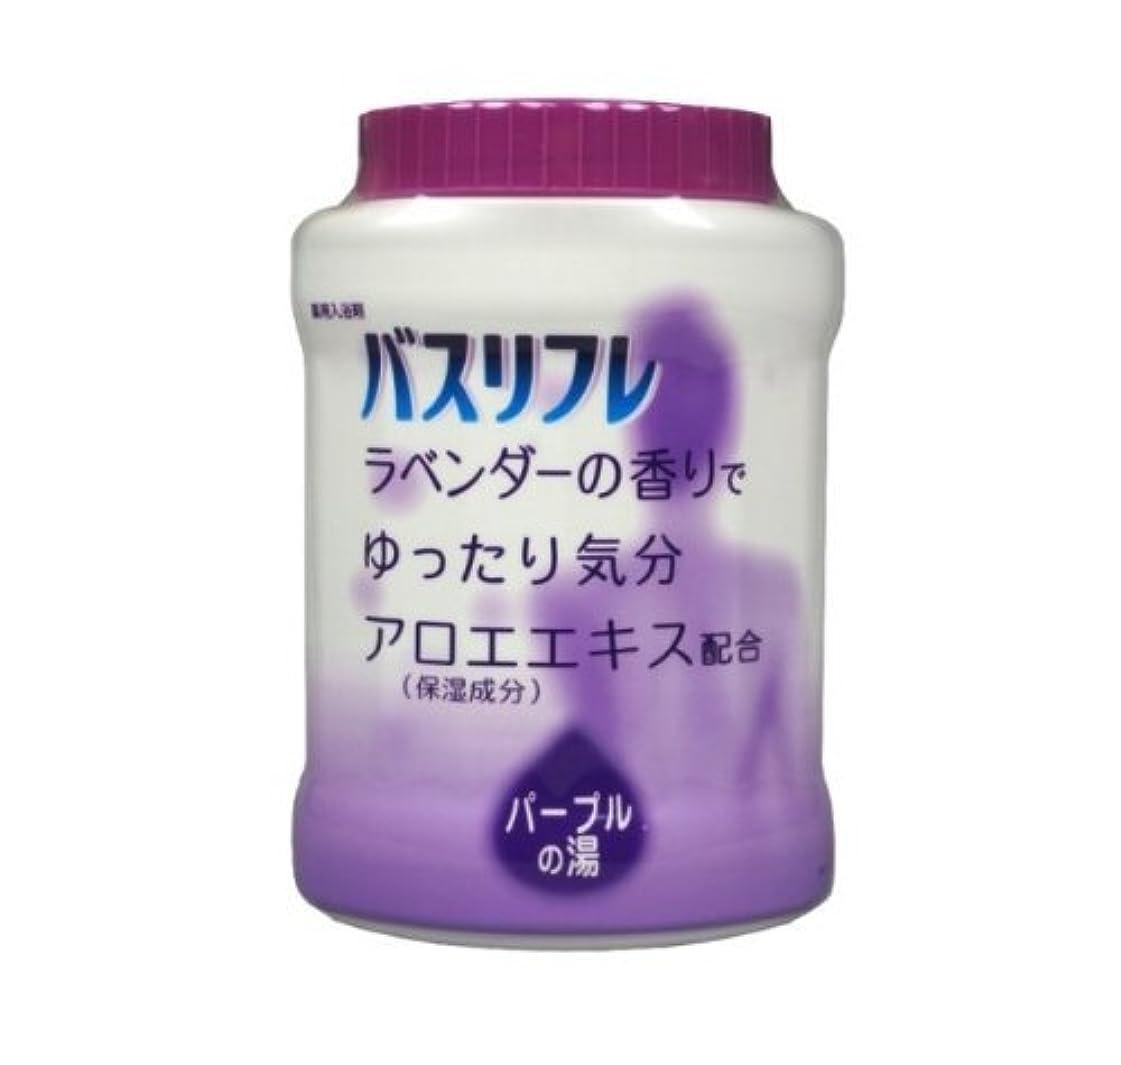 促す祈り言うまでもなくバスリフレ 薬用入浴剤 ラベンダーの香り 680G Japan